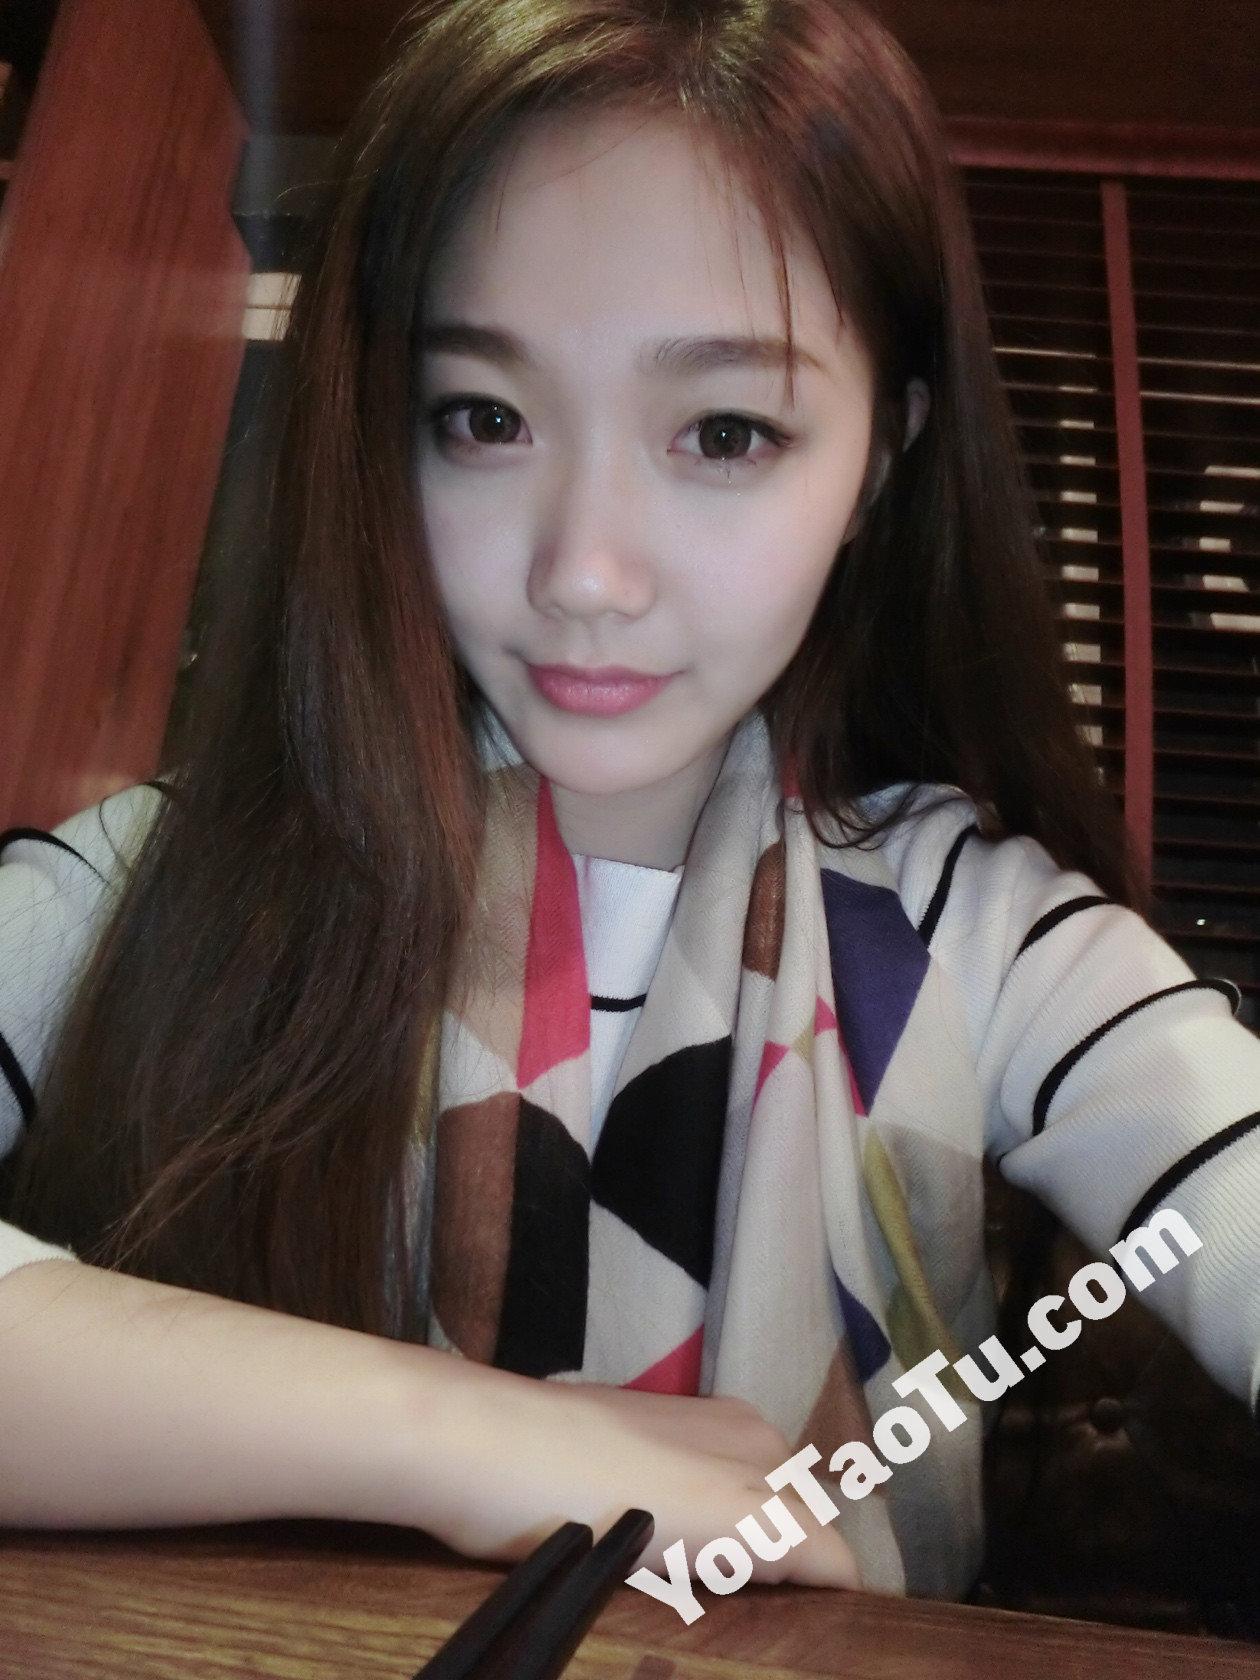 KK03 461张 四季美女图可爱青春-5